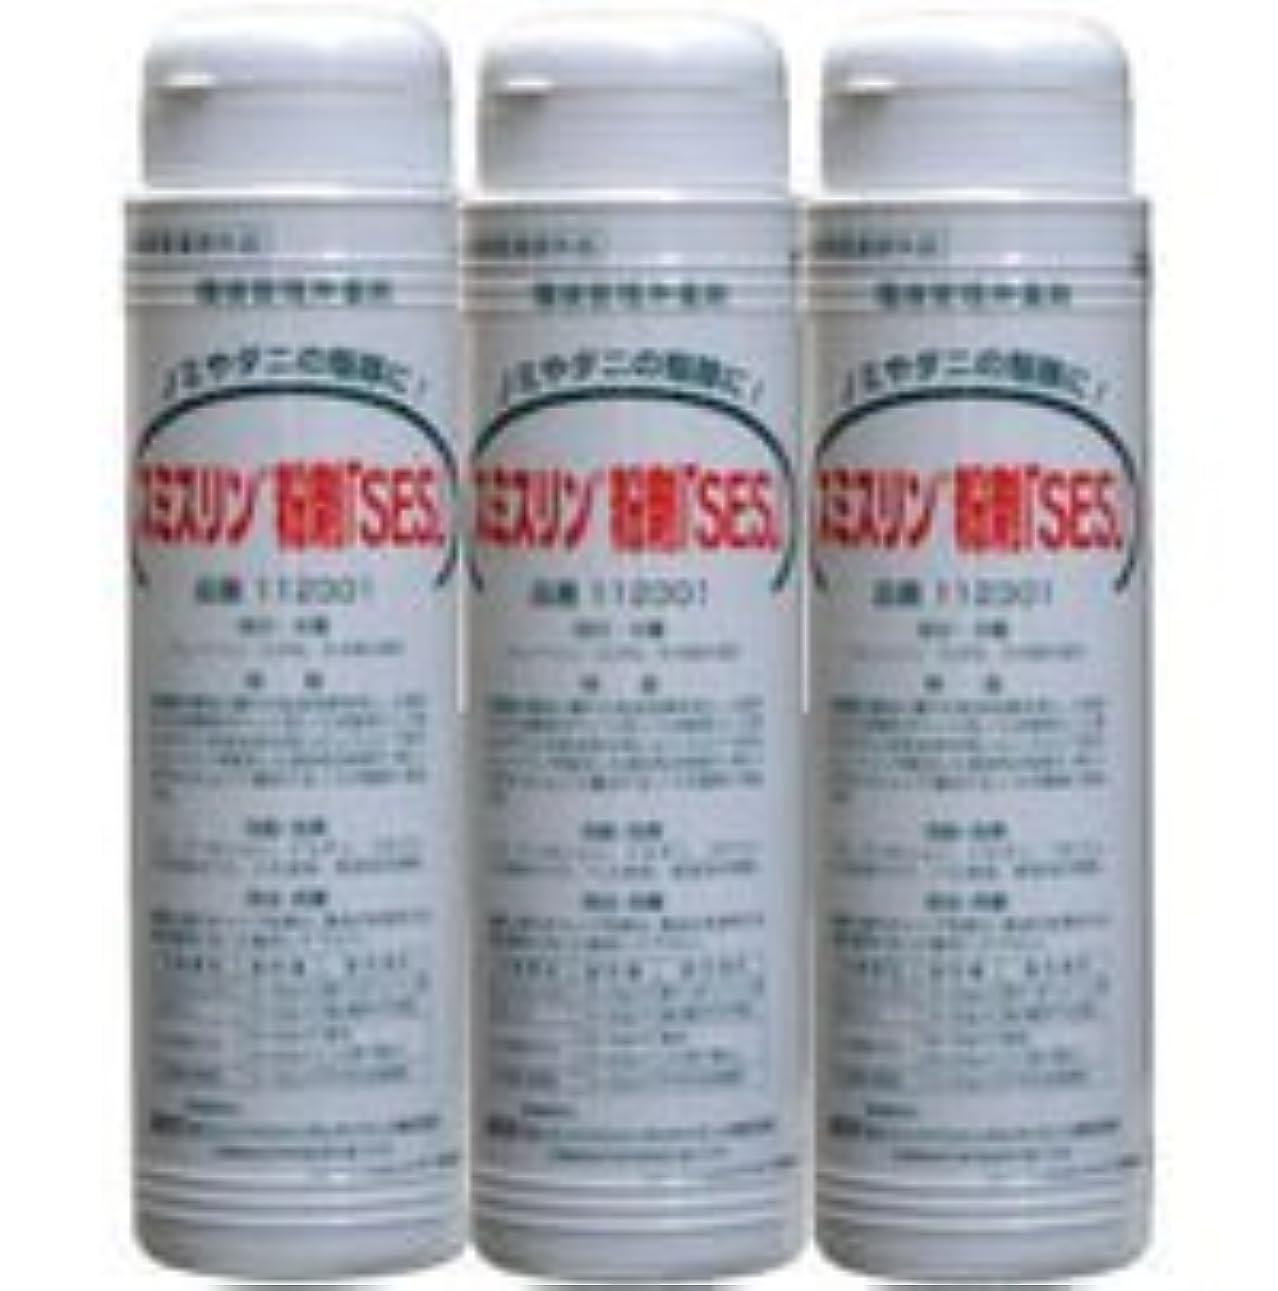 好み担当者マーティンルーサーキングジュニアスミスリン粉剤 SES 350g×3本セット ダニ?ノミ駆除用粉末殺虫剤